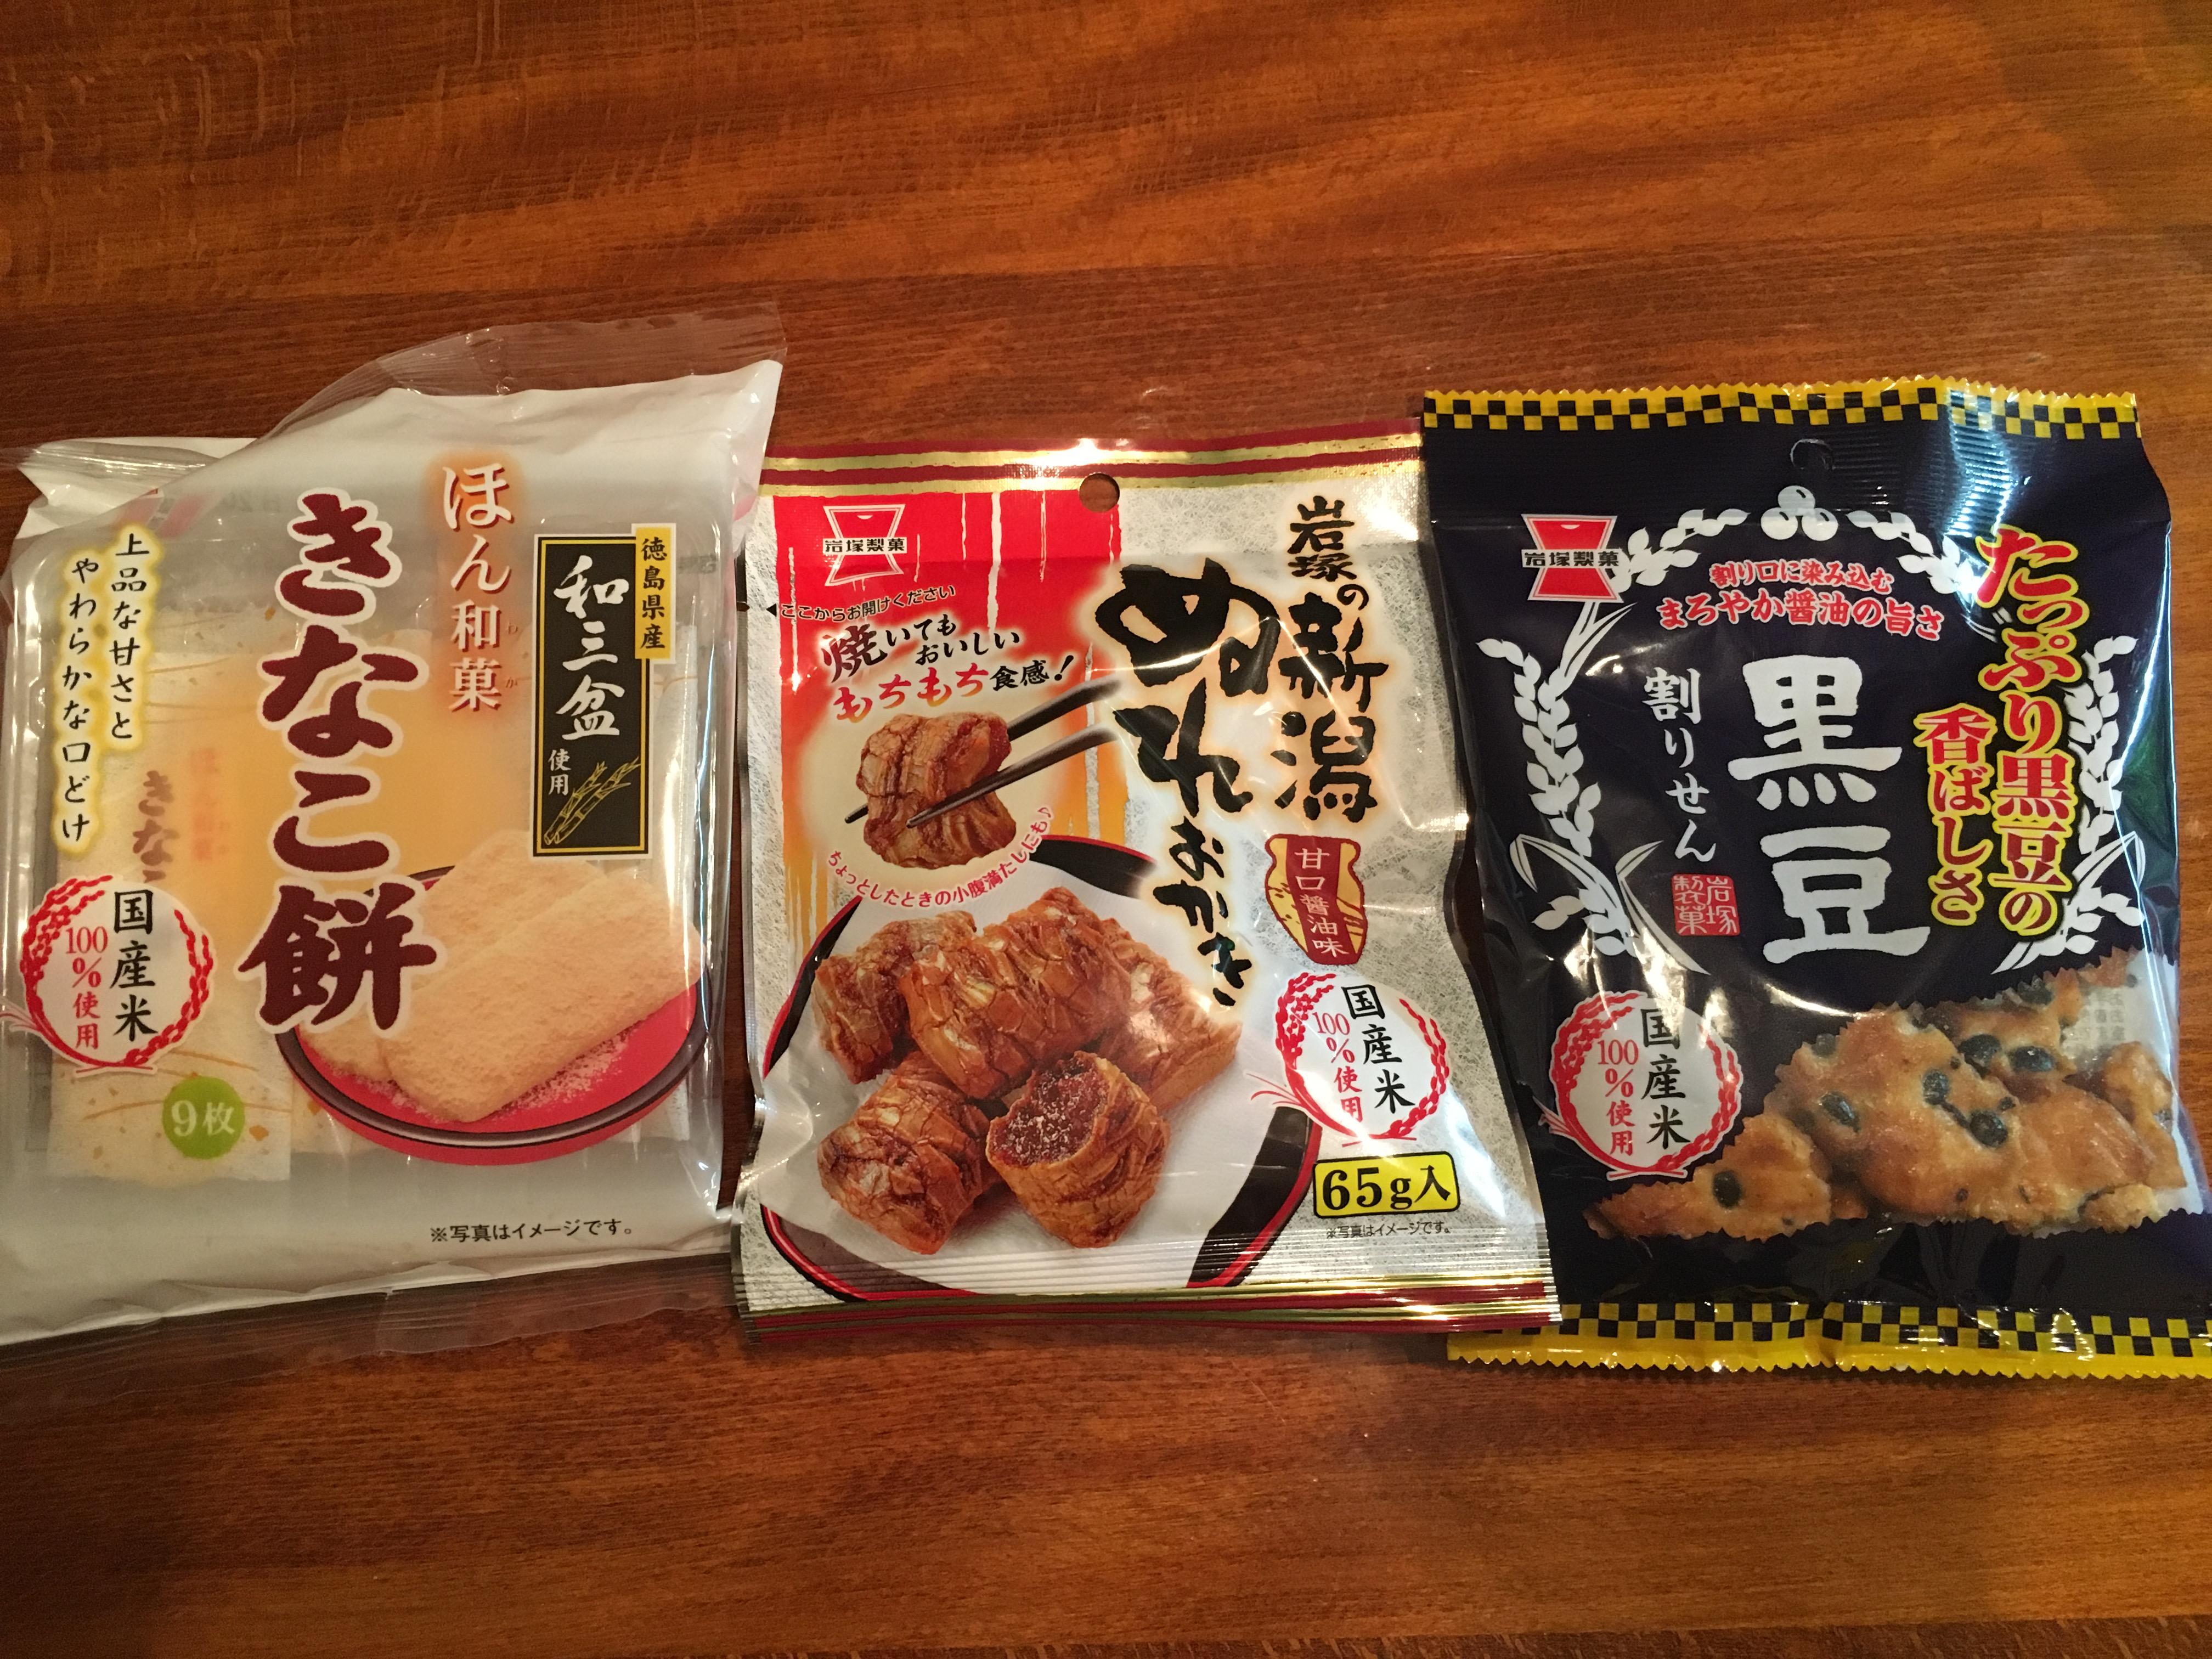 岩塚製菓のおかきとせんべい3種類を食べ比べ!美味しいのはどれ?